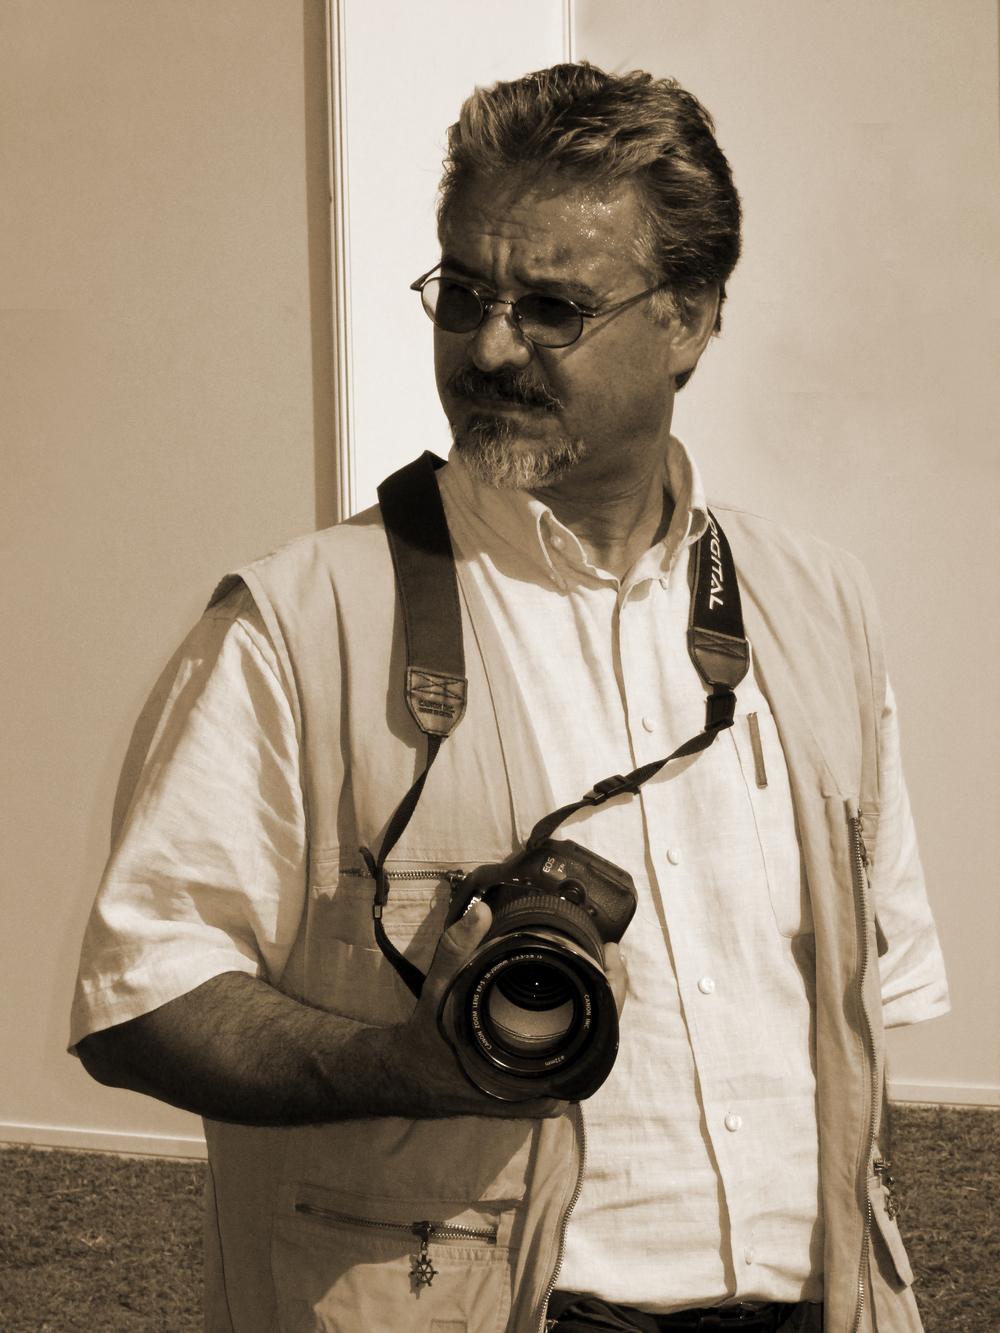 Mohammad Musa Akbari